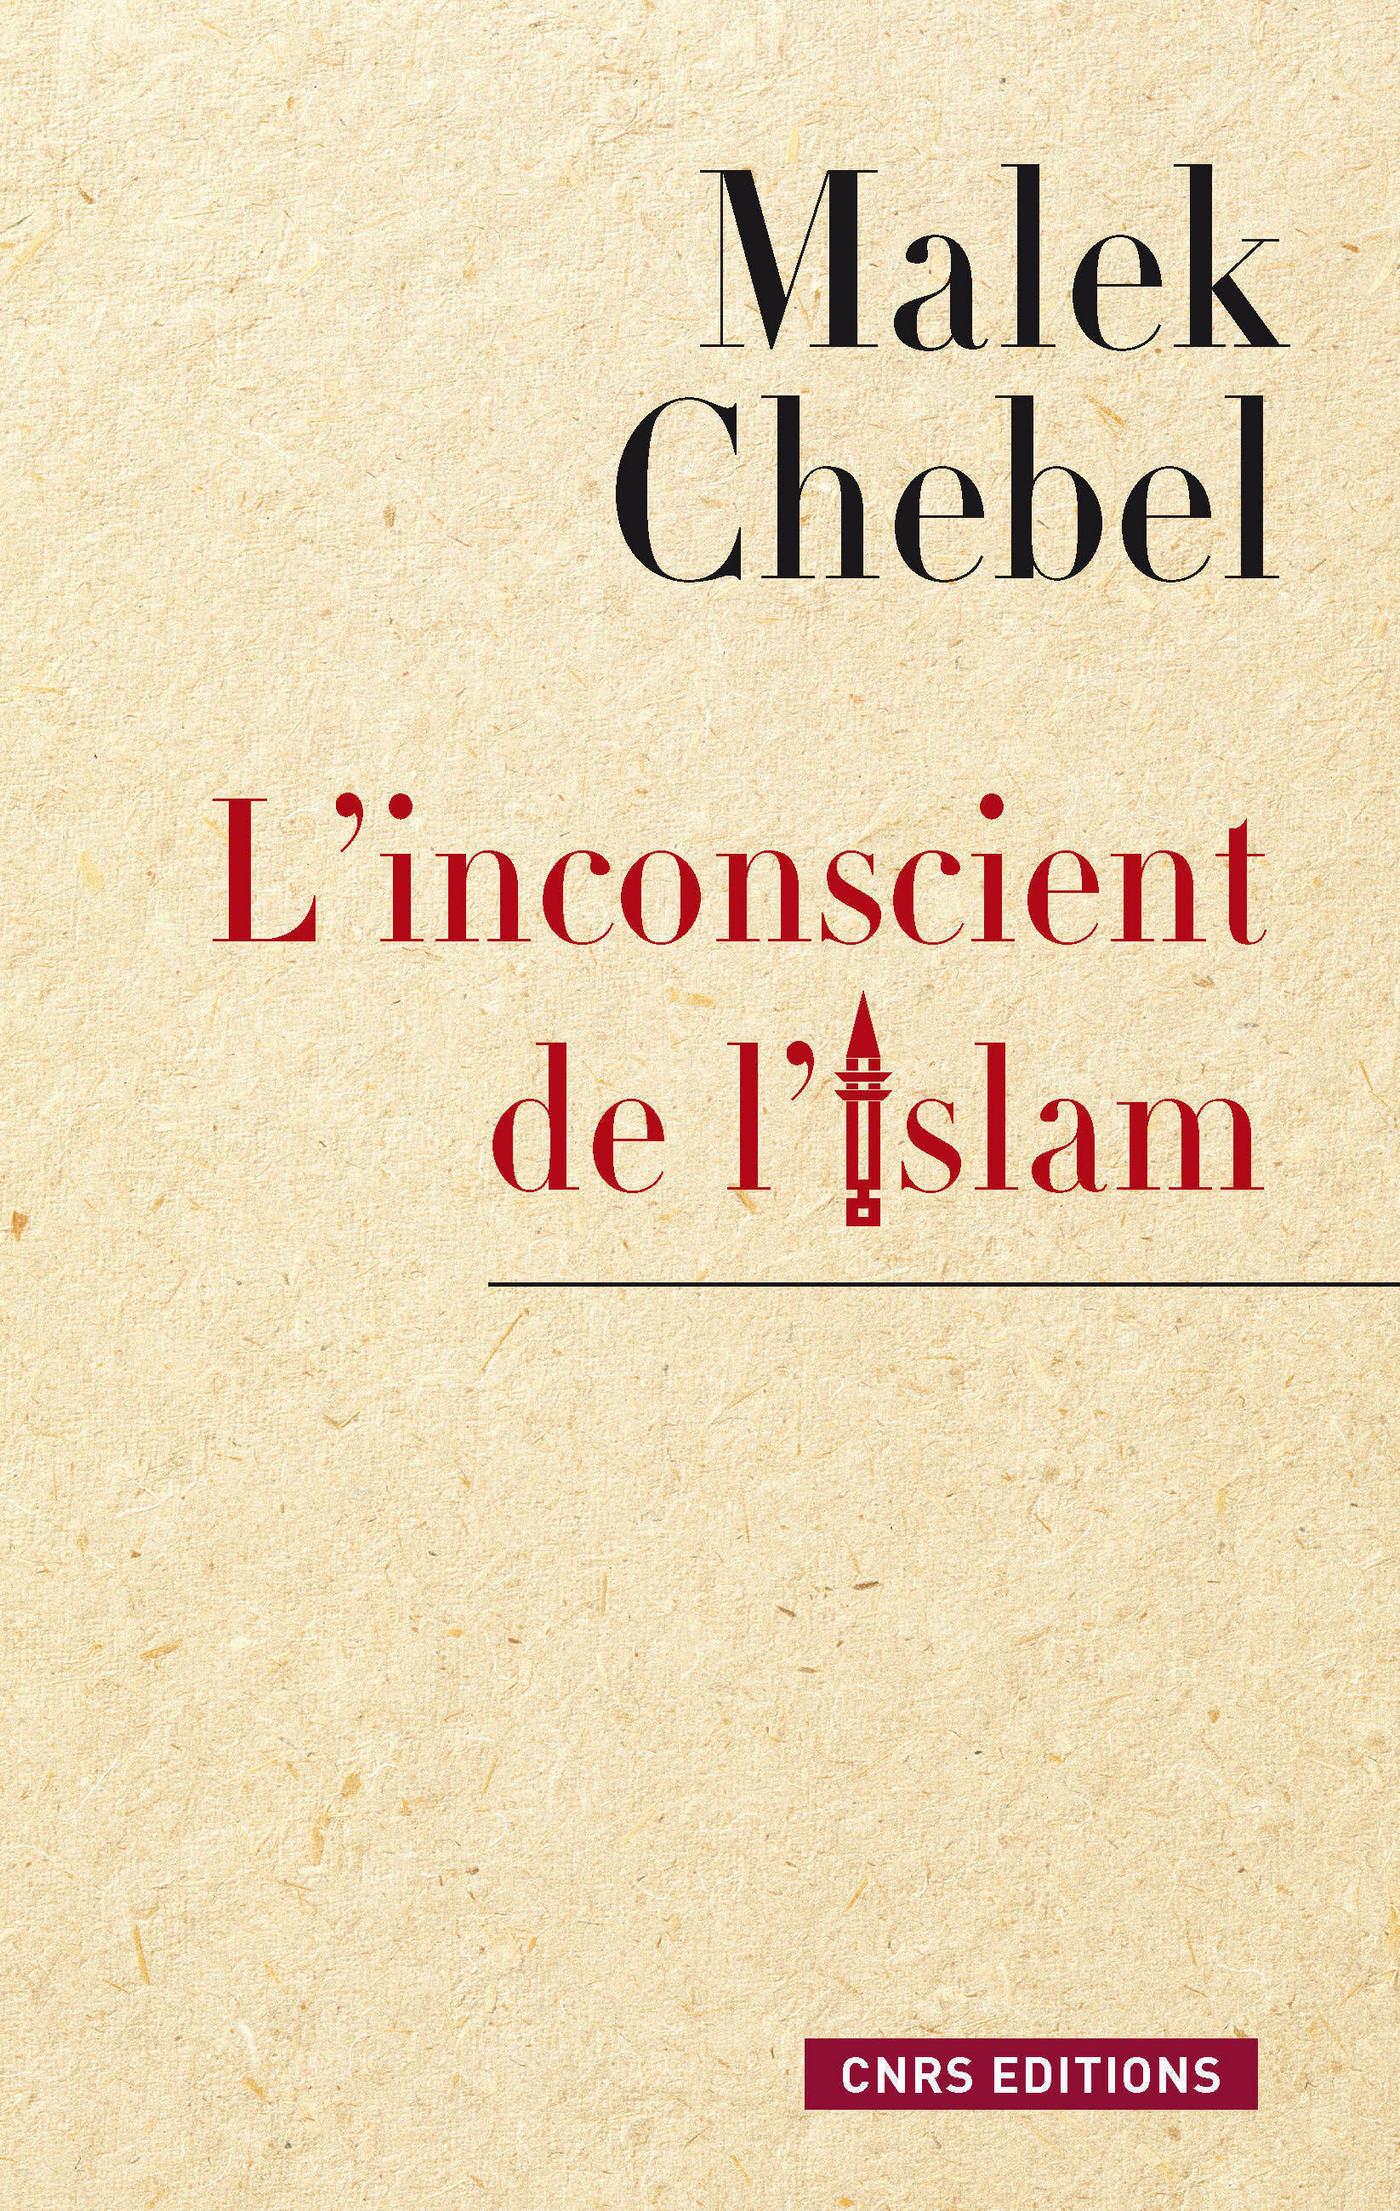 L'Inconscient de l'islam